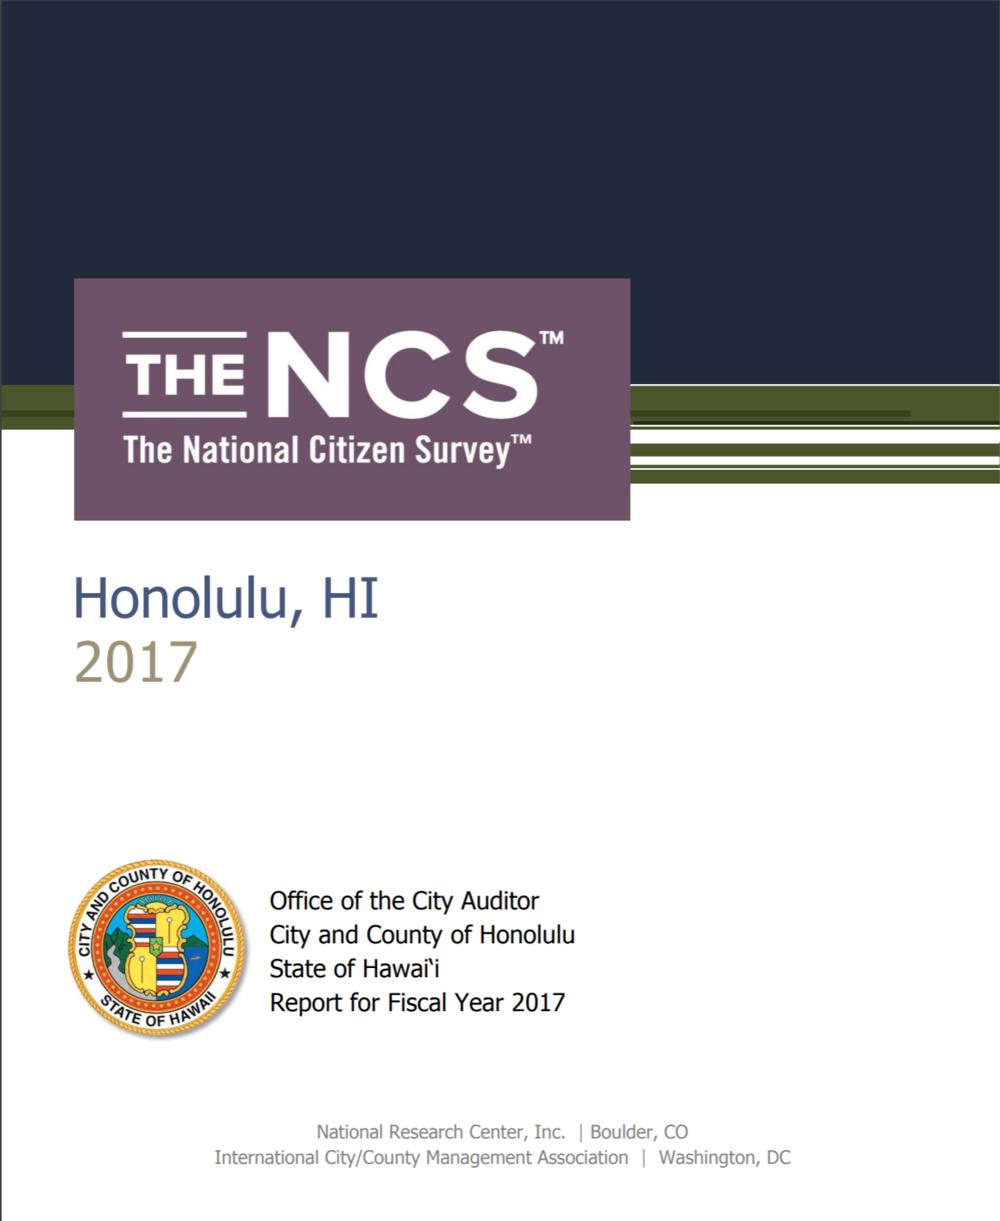 NCS National Citizen Survey 2017.PNG